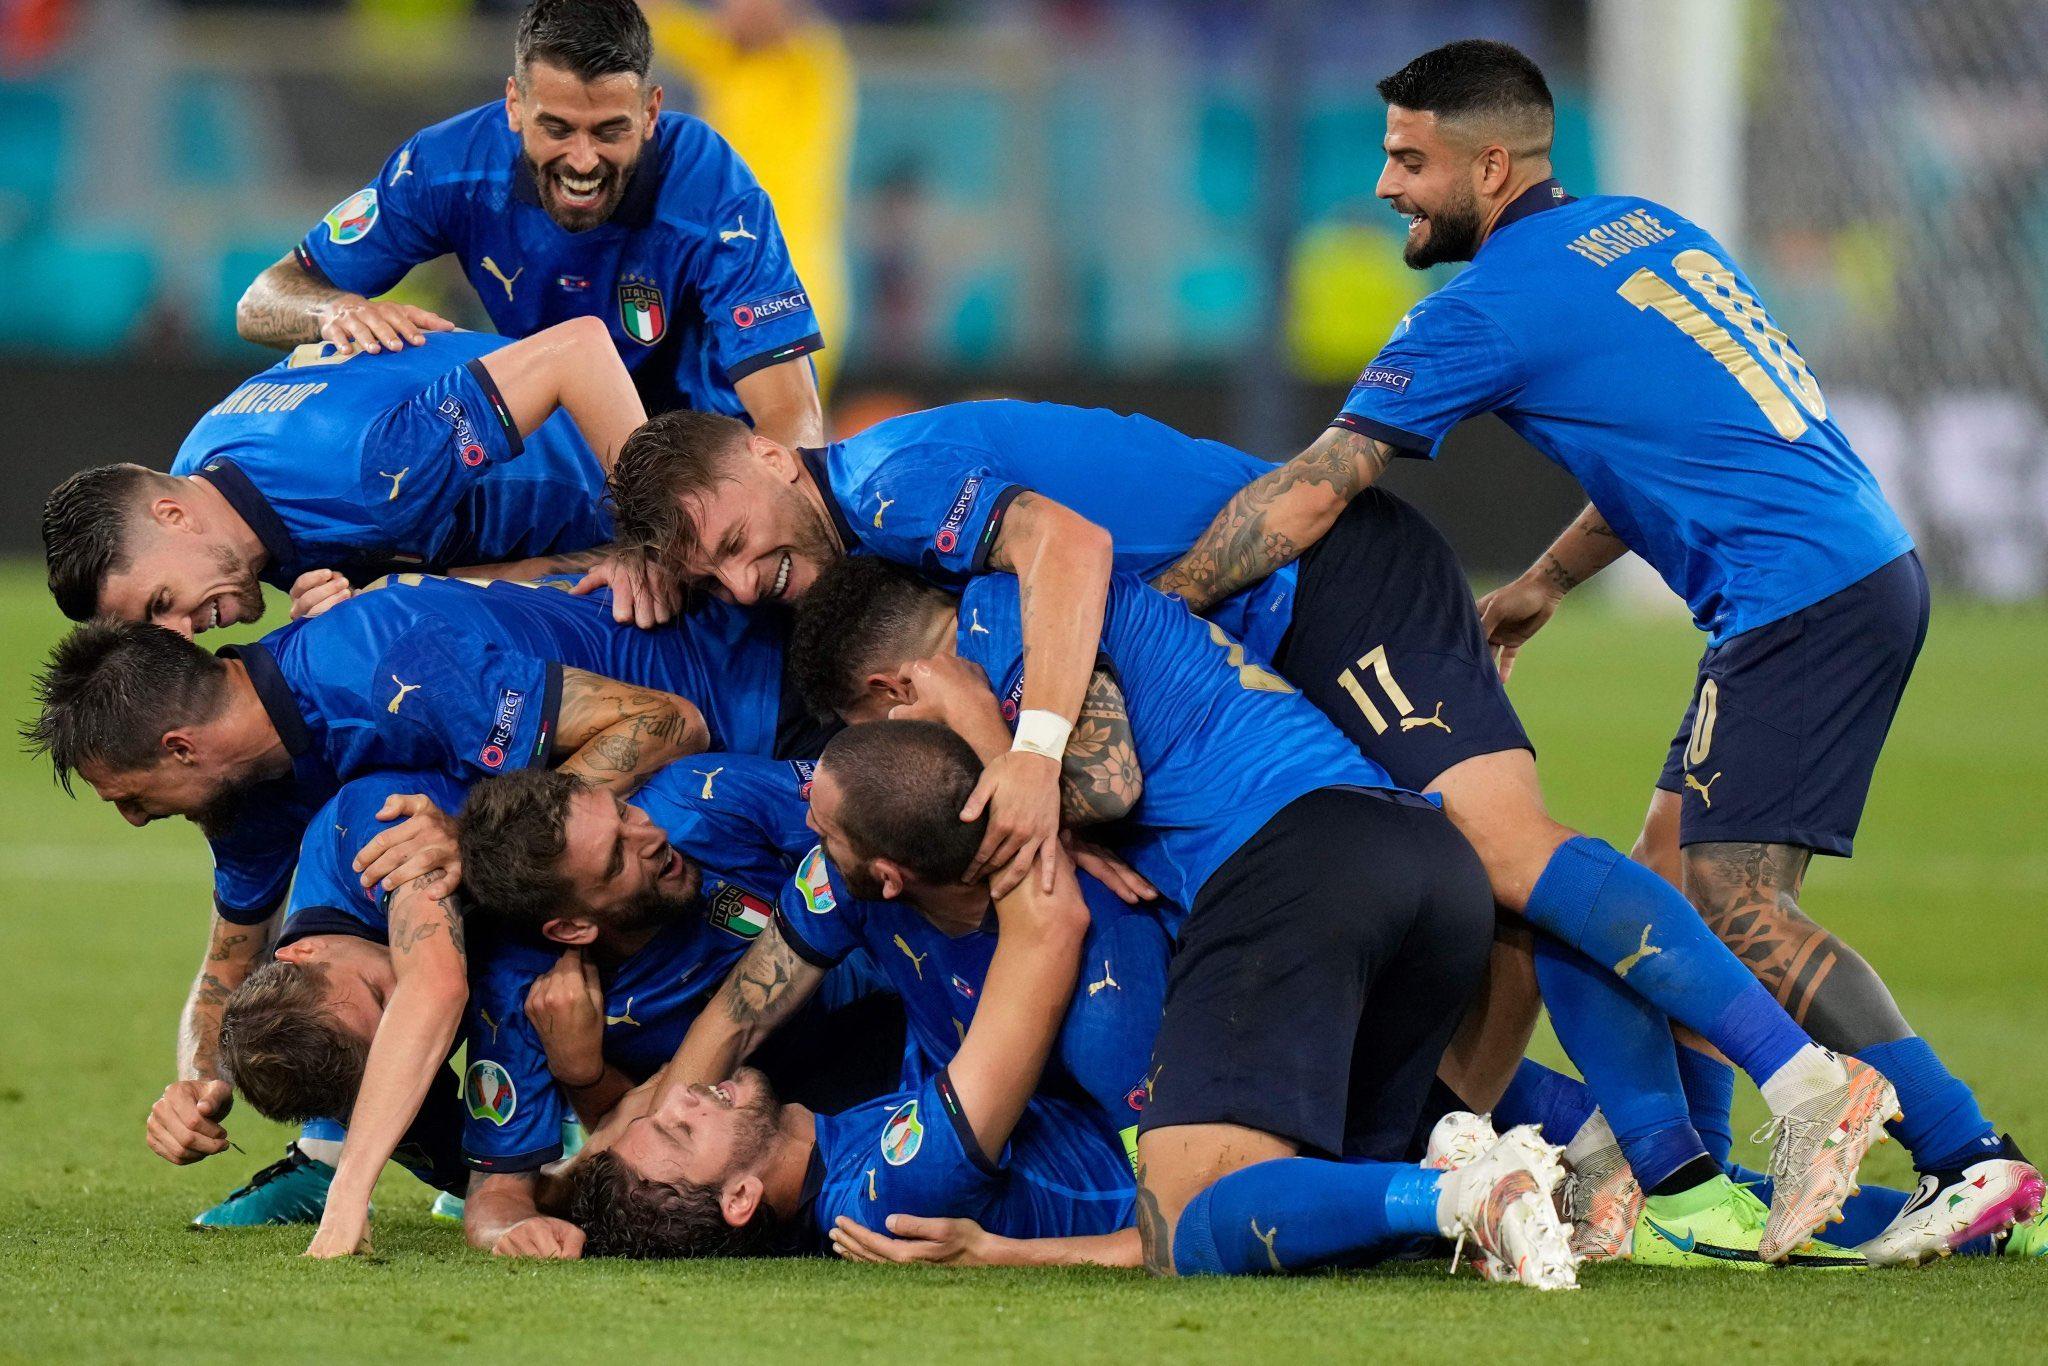 Италия слишком хороша, чтобы не выиграть Евро